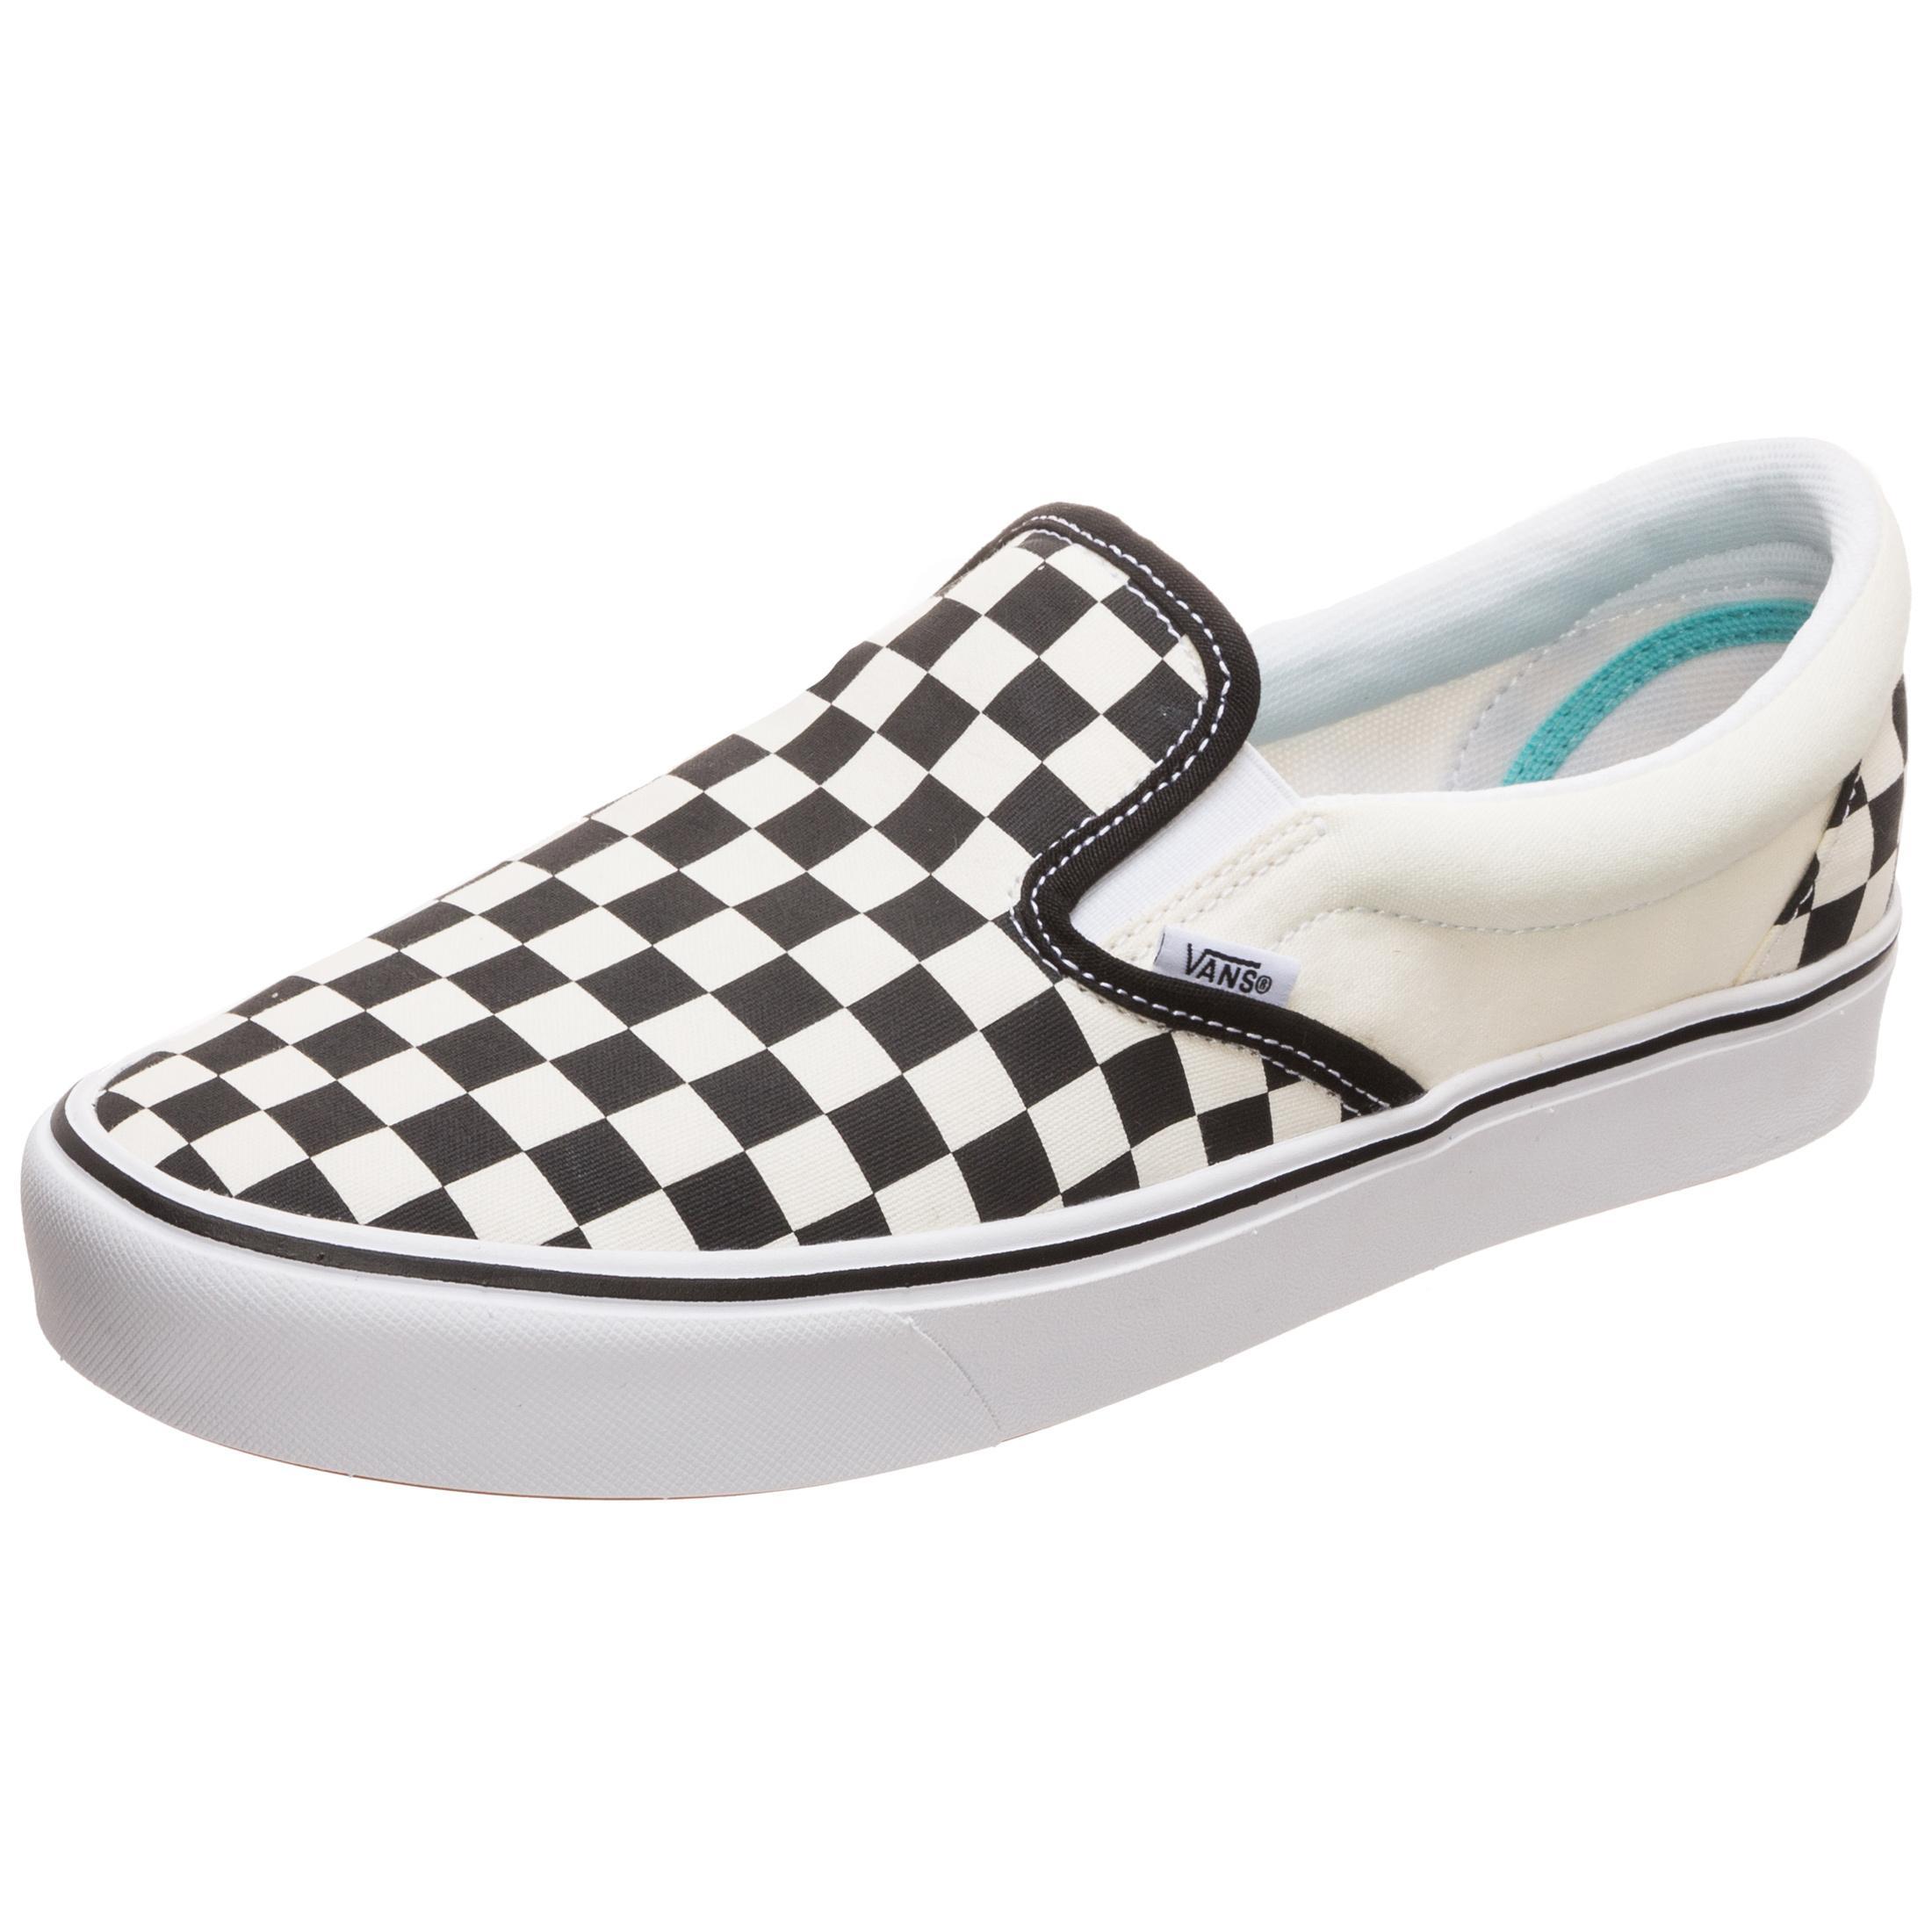 Vans Slip On ComfyCush Sneaker weiß schwarz im Online Shop von SportScheck kaufen